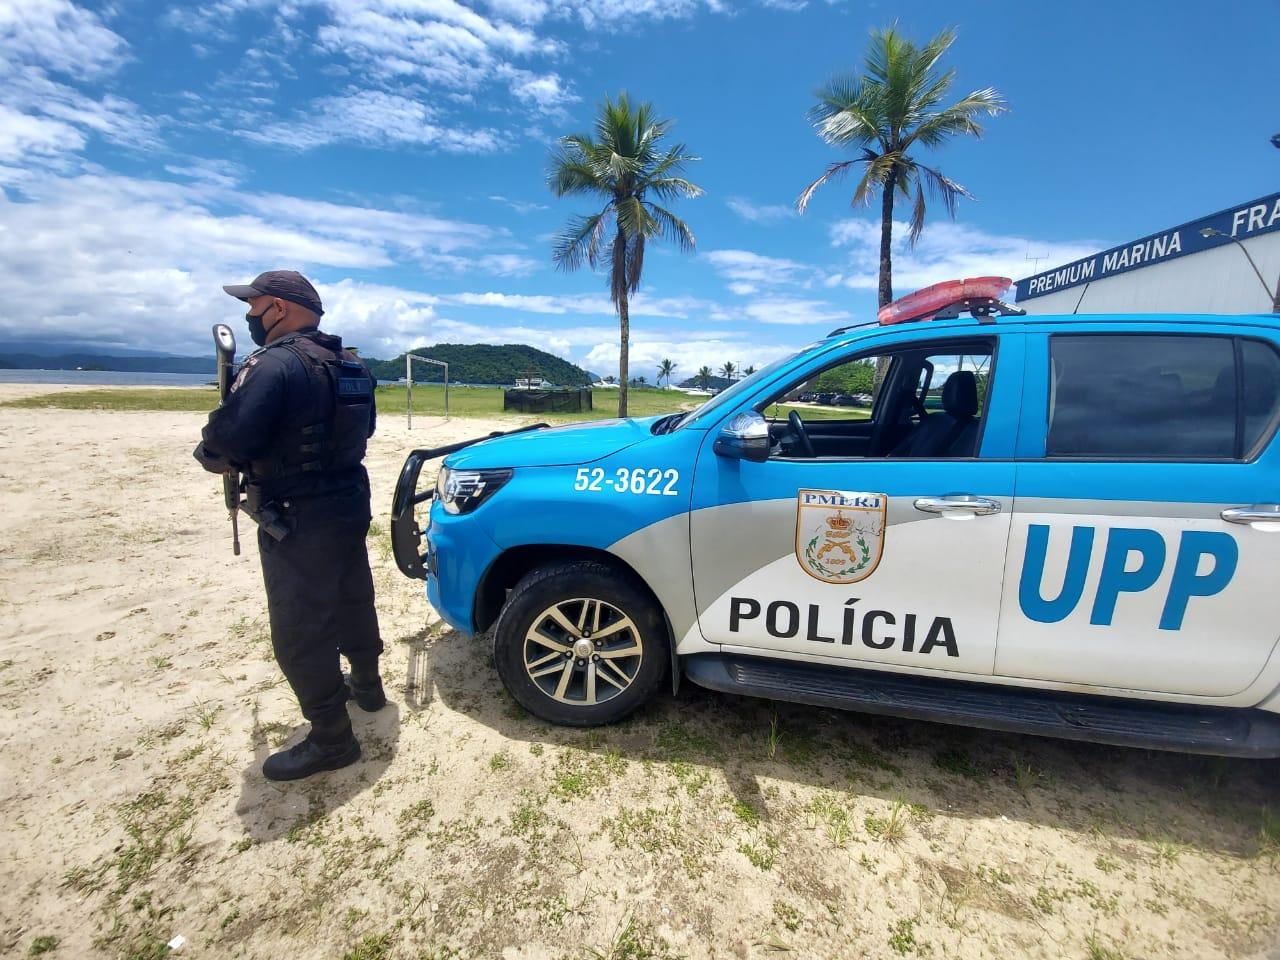 Viatura de polícia do Rio de Janeiro